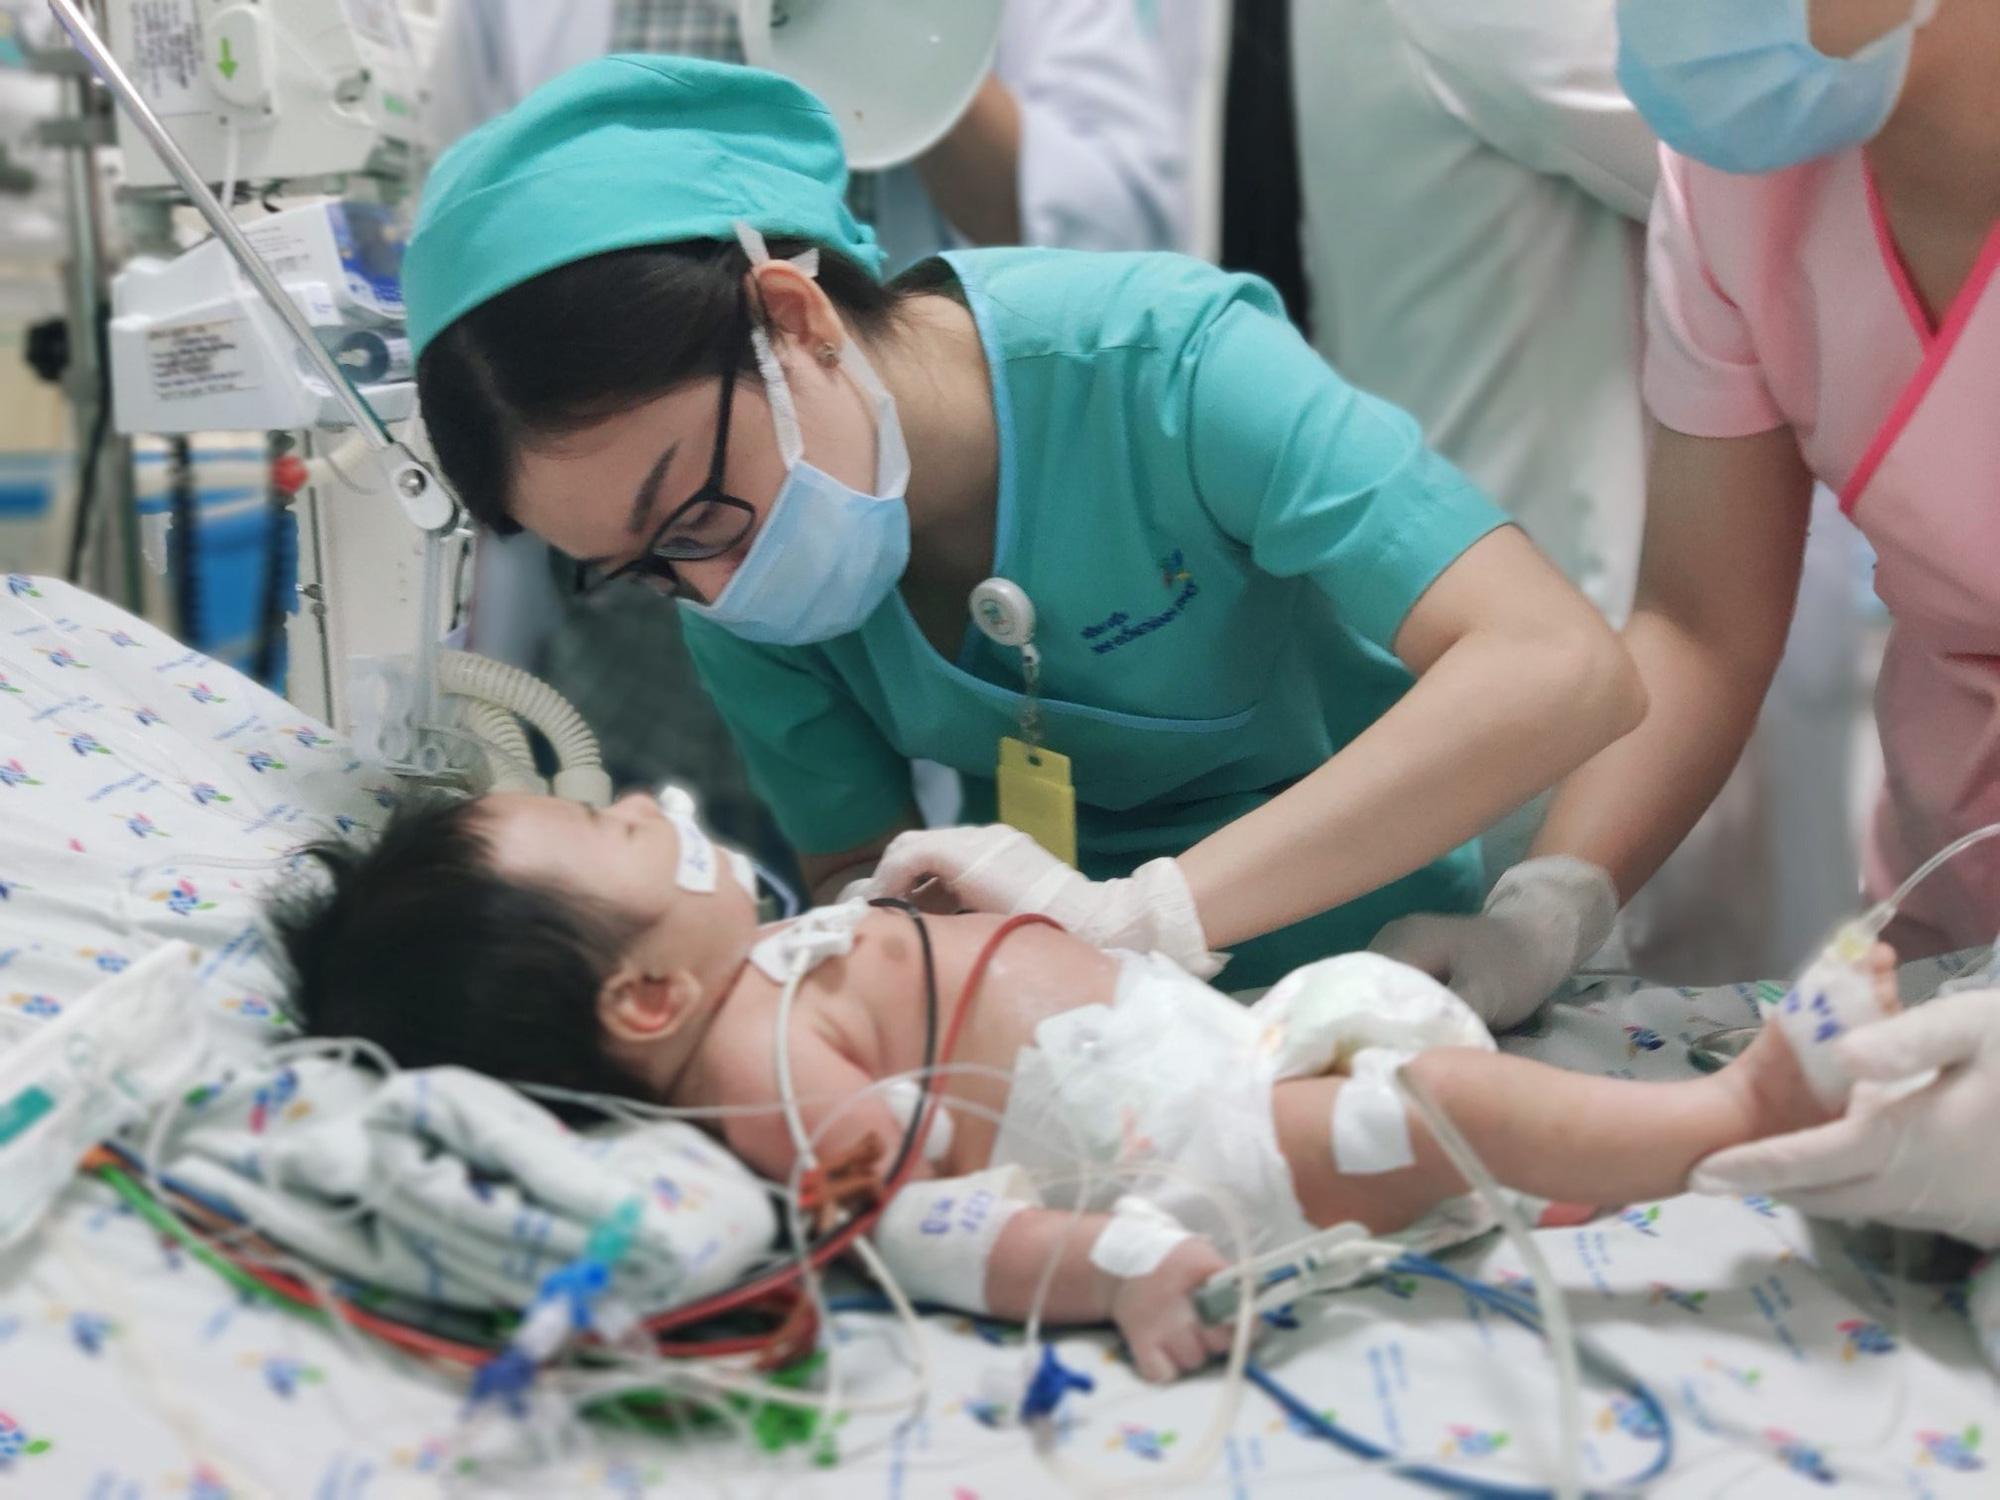 Ngộ độc, bé sơ sinh có làn da đổi thành màu xanh, máu màu nâu - Báo Người  lao động